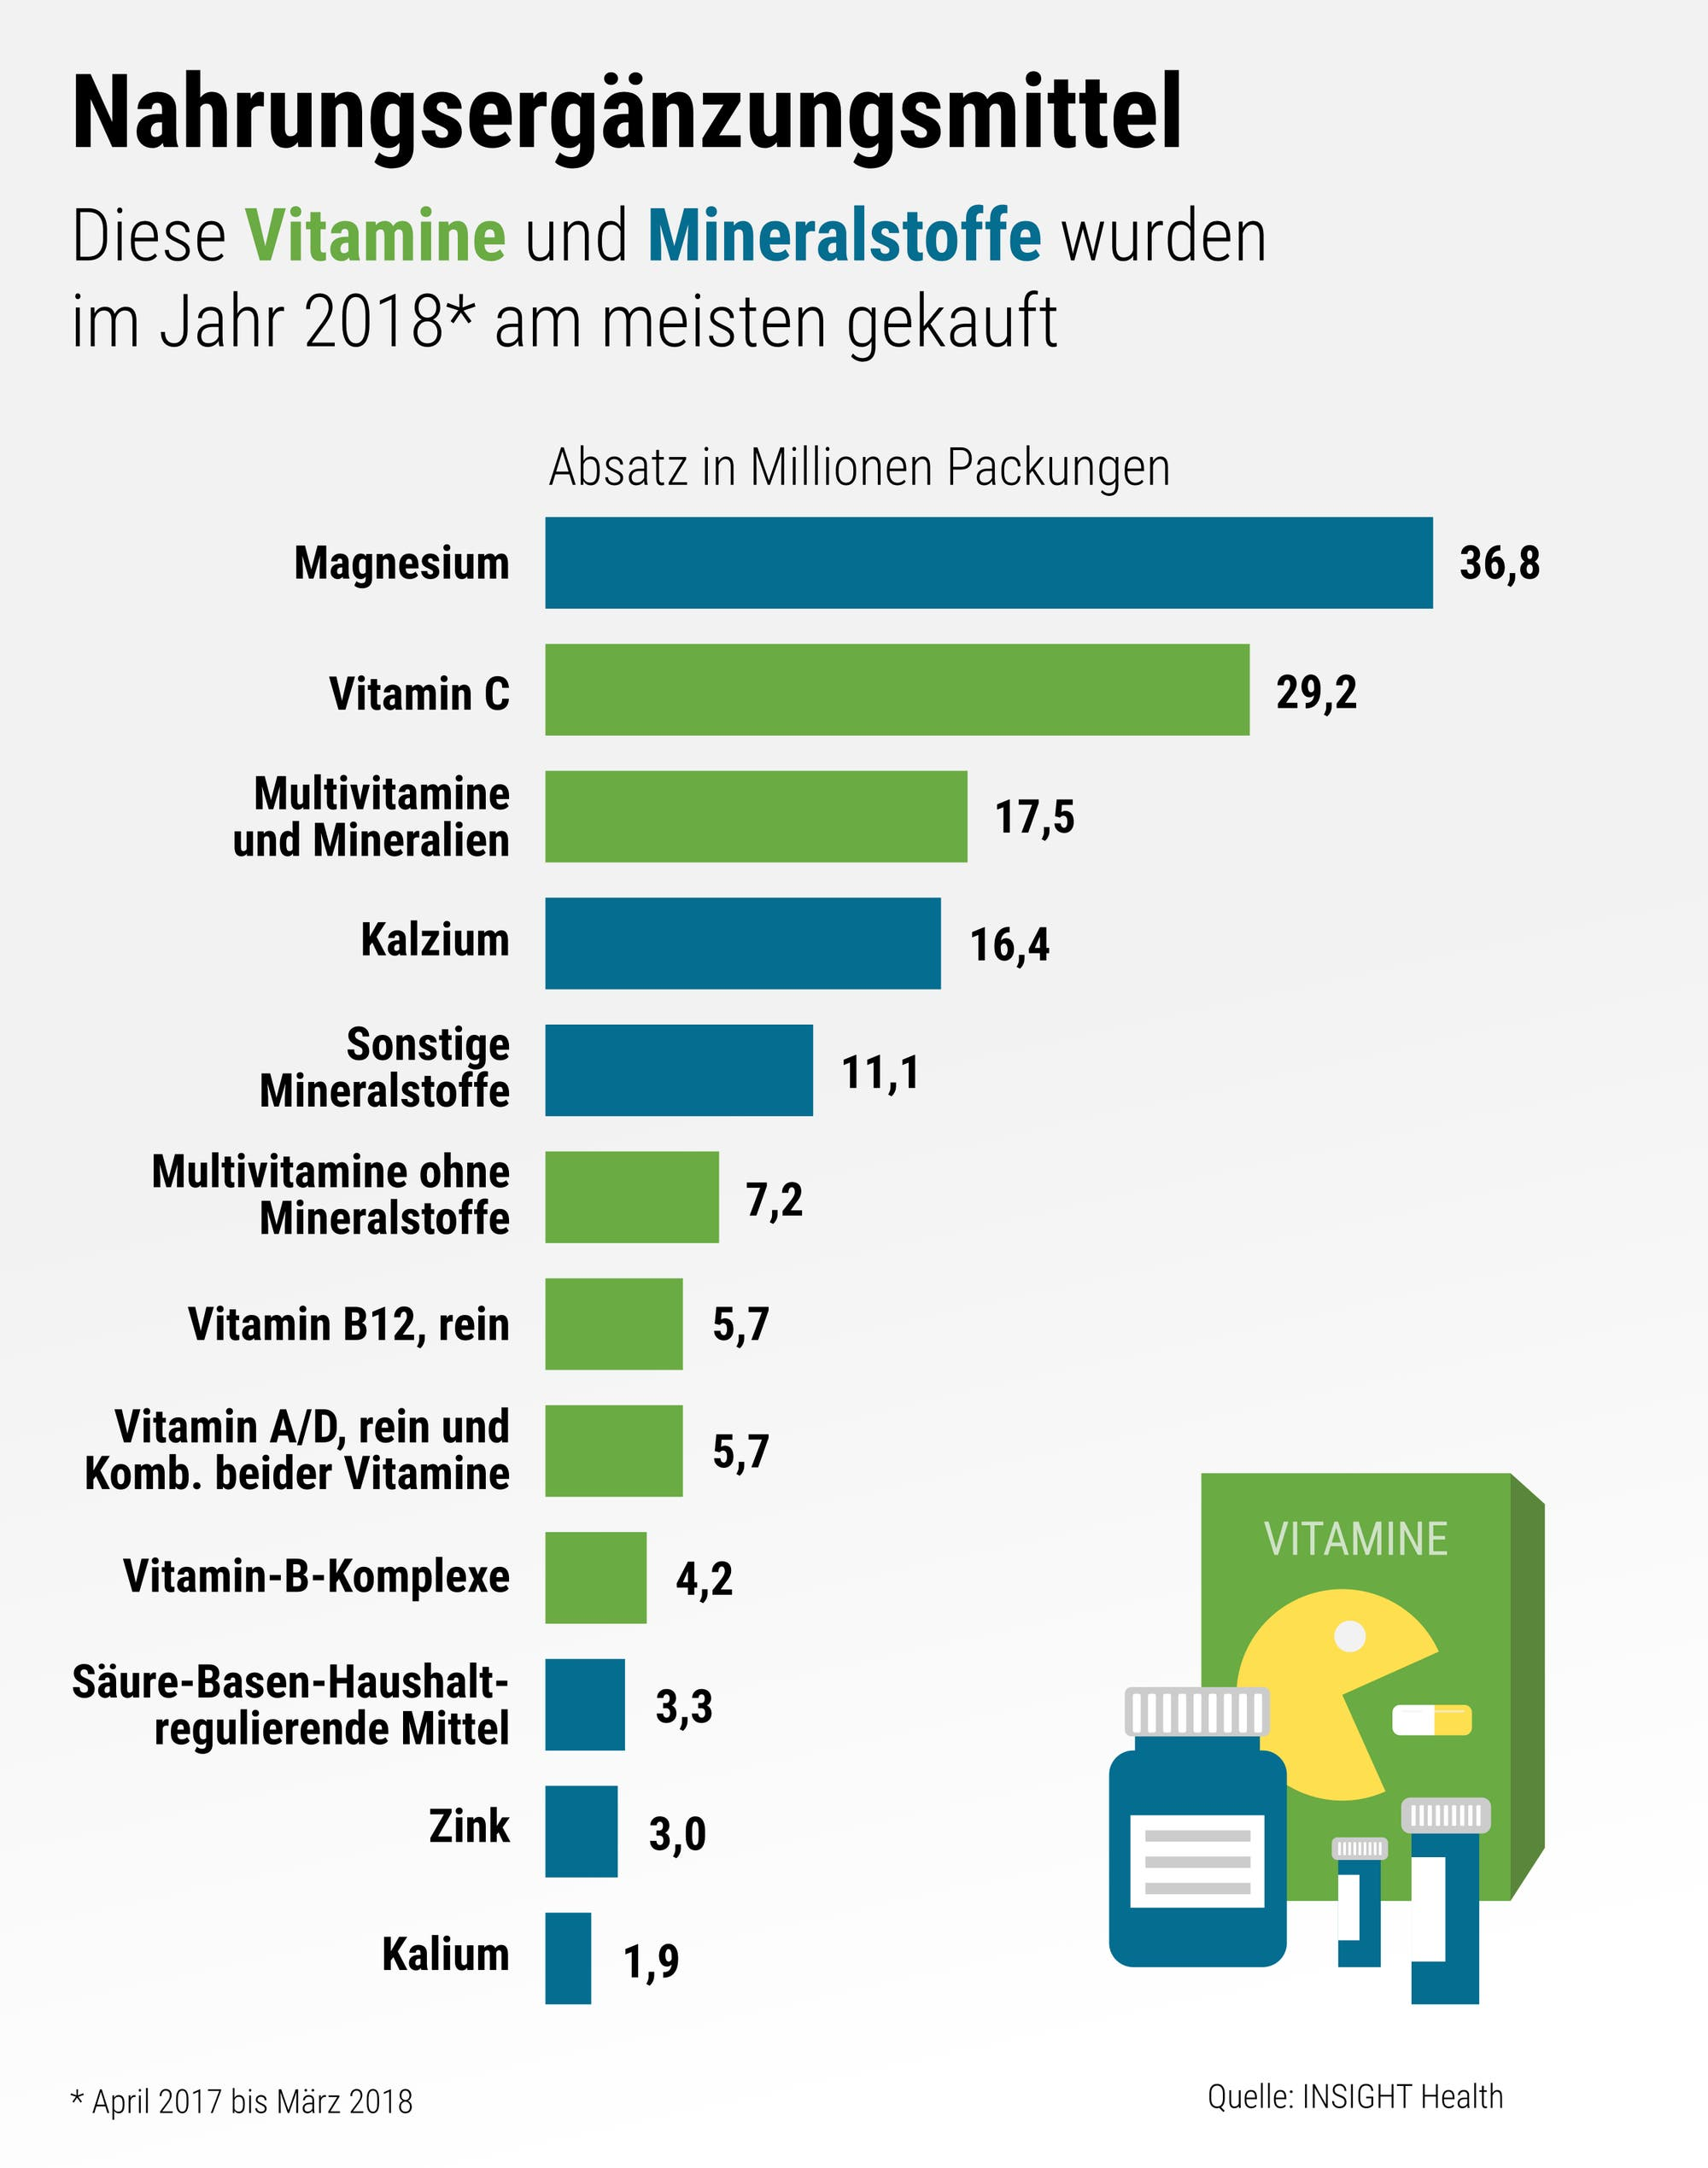 Die Grafik zeigt, wie viele Millionen Packungen an Nahrungsergänzungsmitteln die Deutschen 2018 gekauft haben.